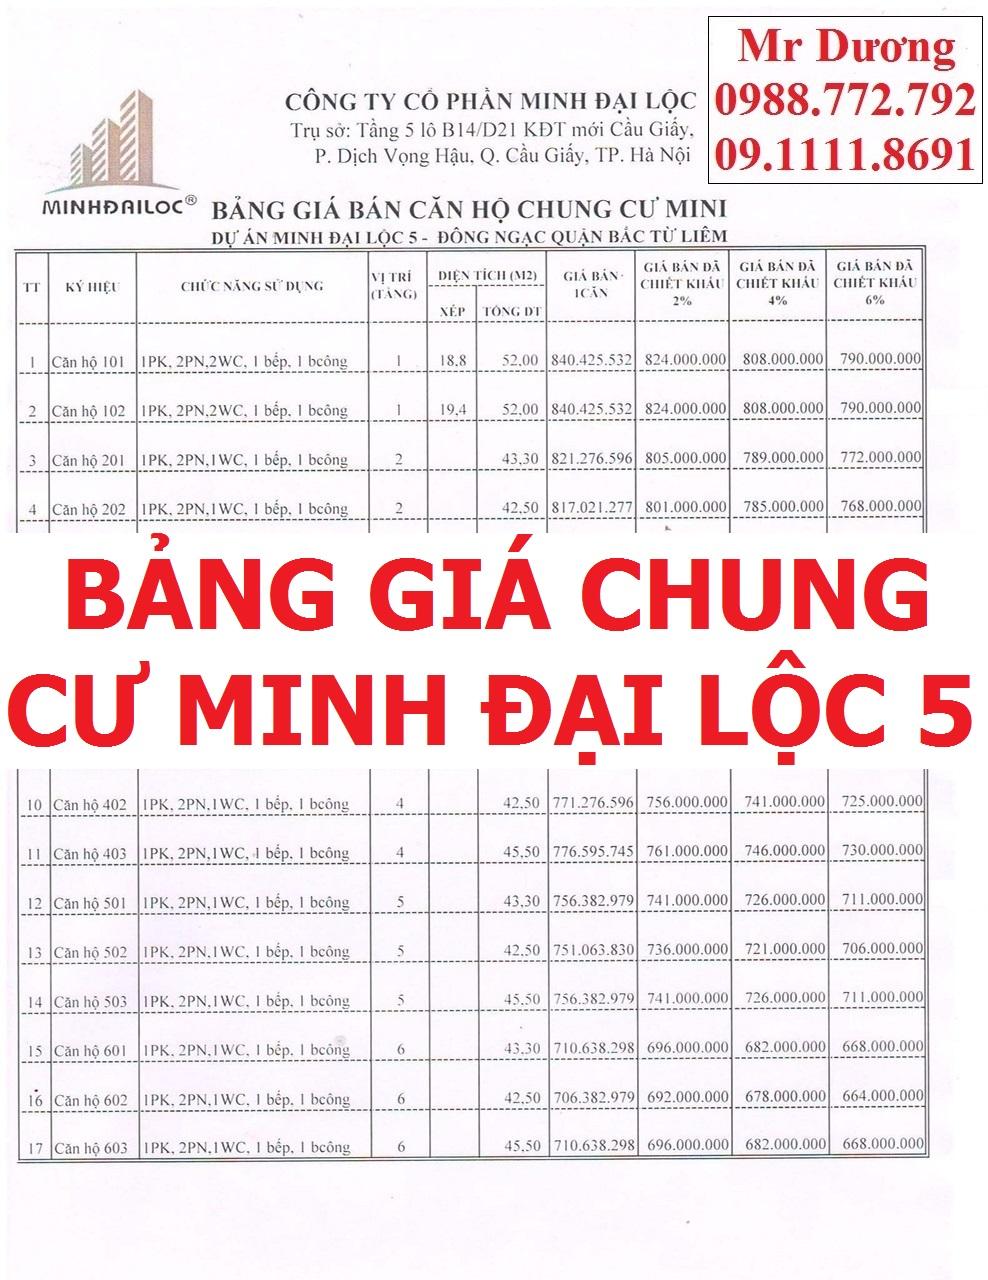 Bảng giá và tiến độ thanh toán chi tiết từng căn hộ chung cư mini Minh Đại Lộc